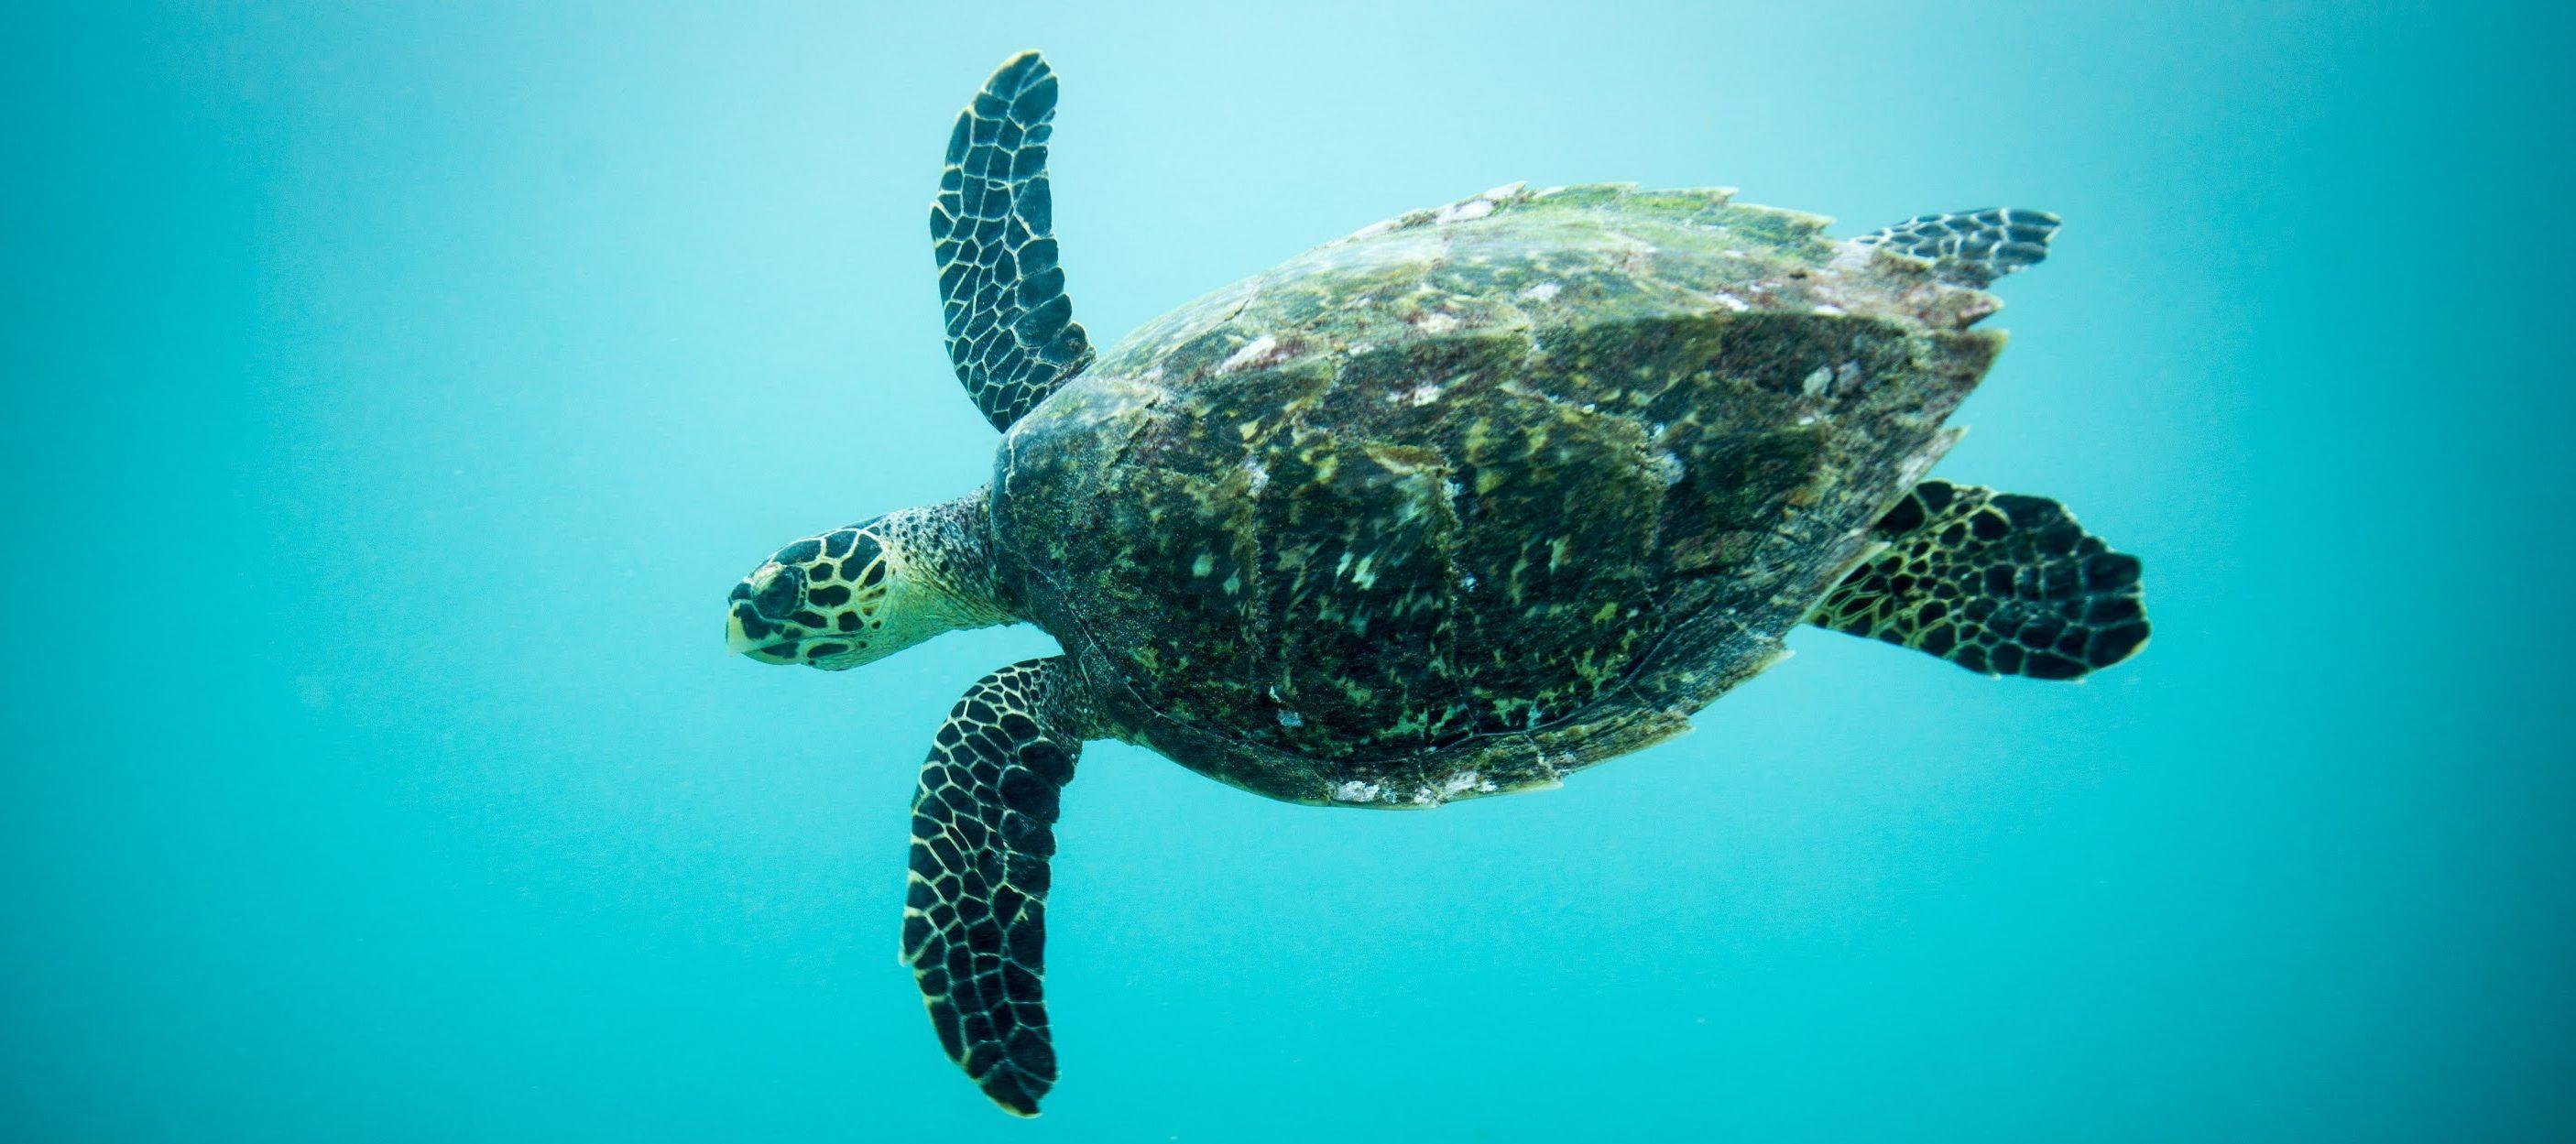 One week to save sea turtles